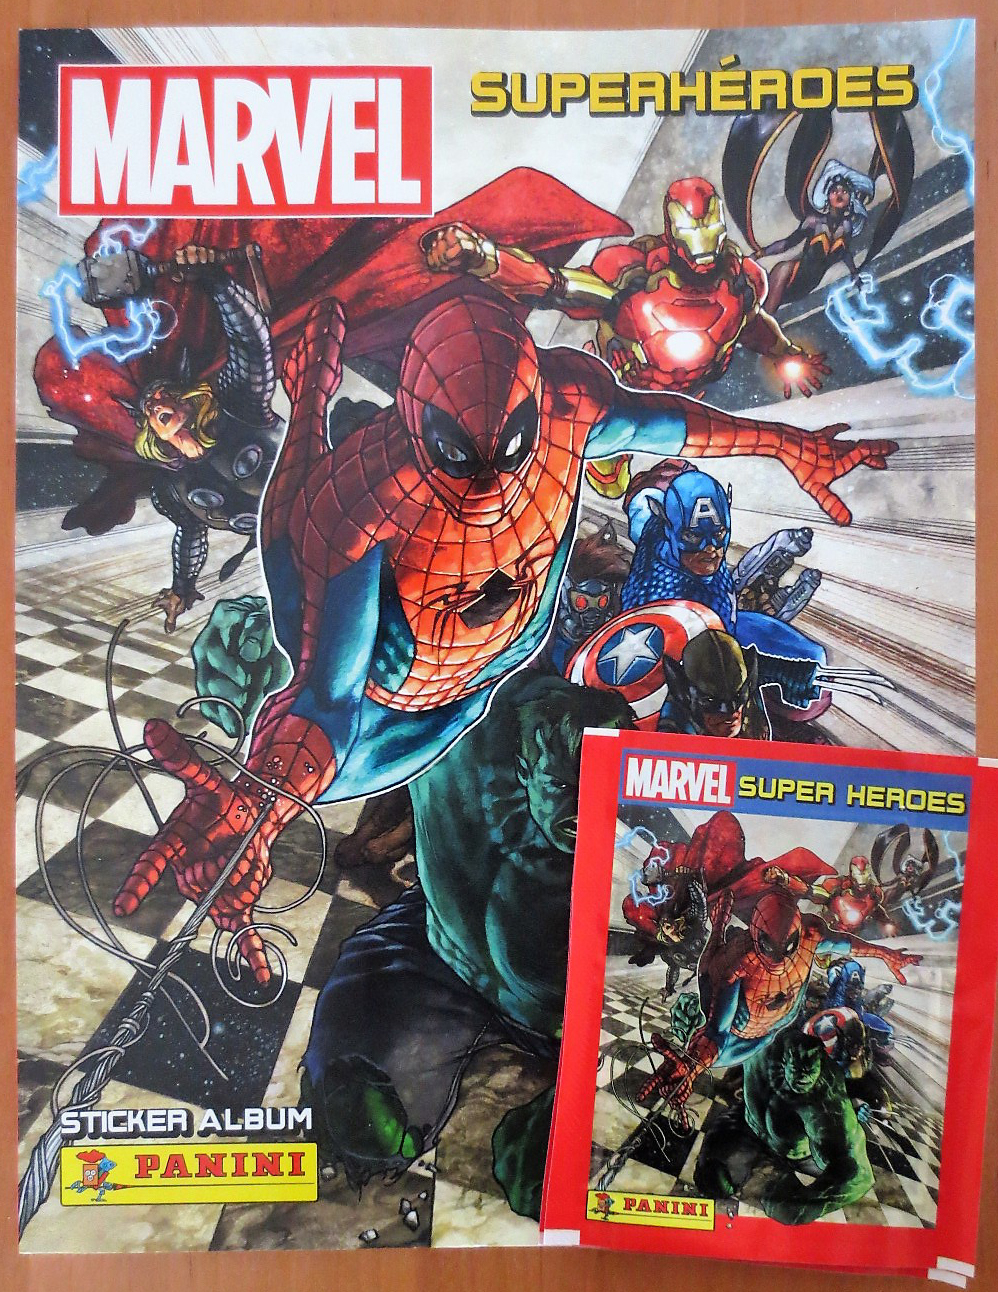 EL RINCON DEL TARADETE: Álbum de cromos: Marvel ...